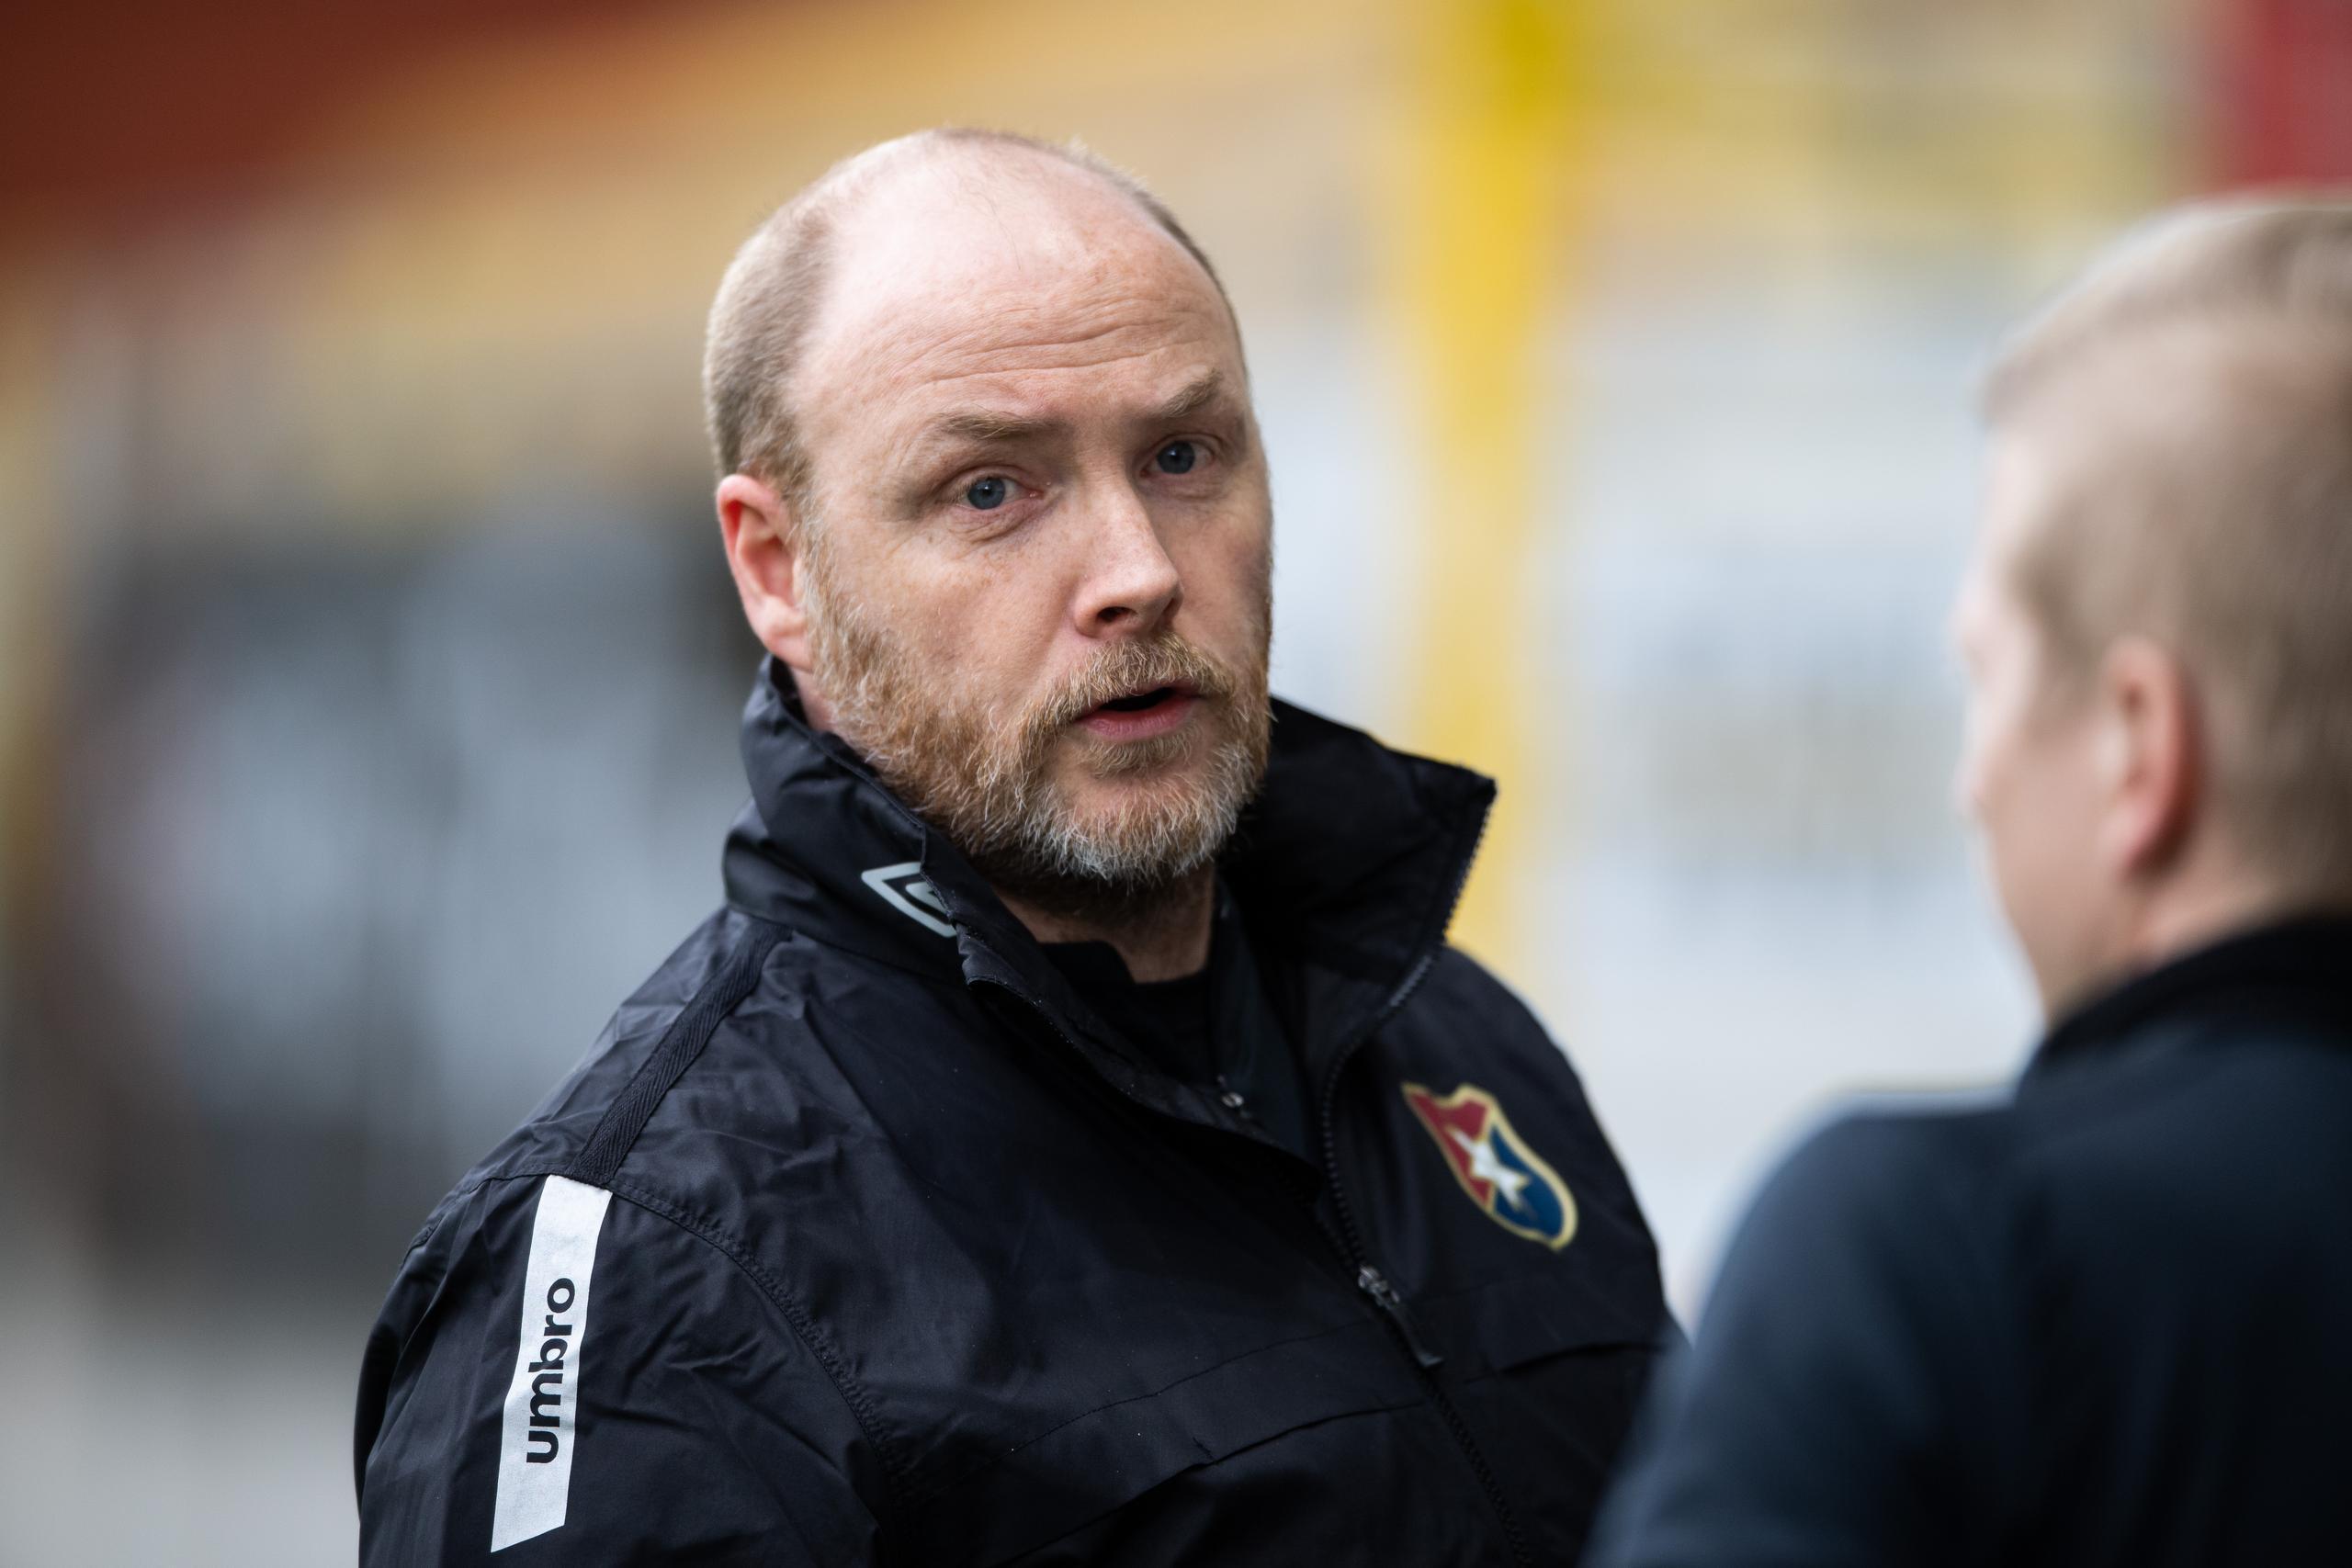 Dane Ivarsson frisk efter covid-19 – leder Öis mot Helsingborg